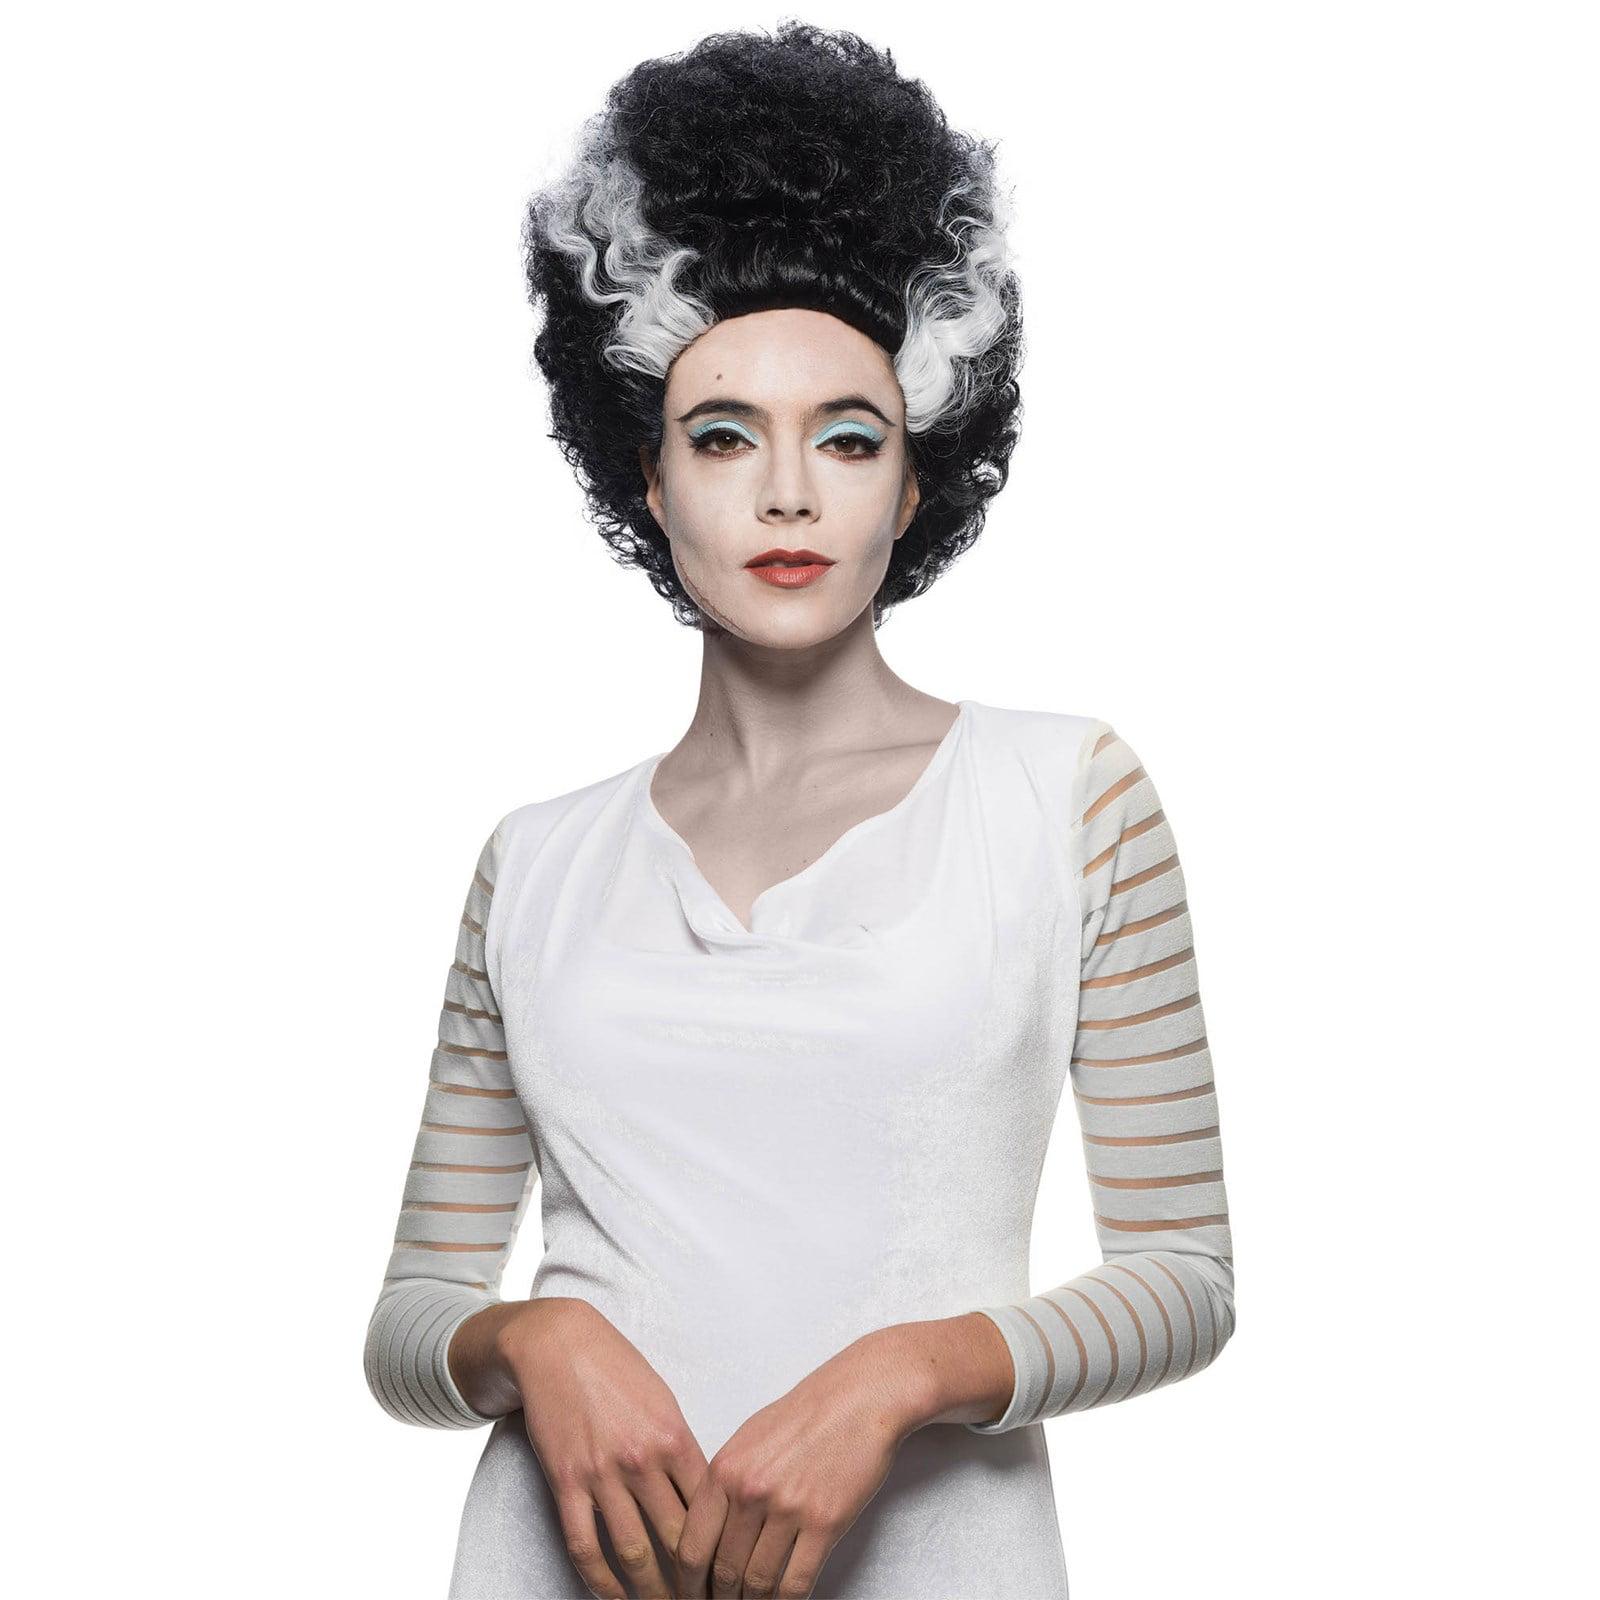 Universal Monsters Bride Of Frankenstein Halloween Costume Accessory Wig Walmart Com Walmart Com